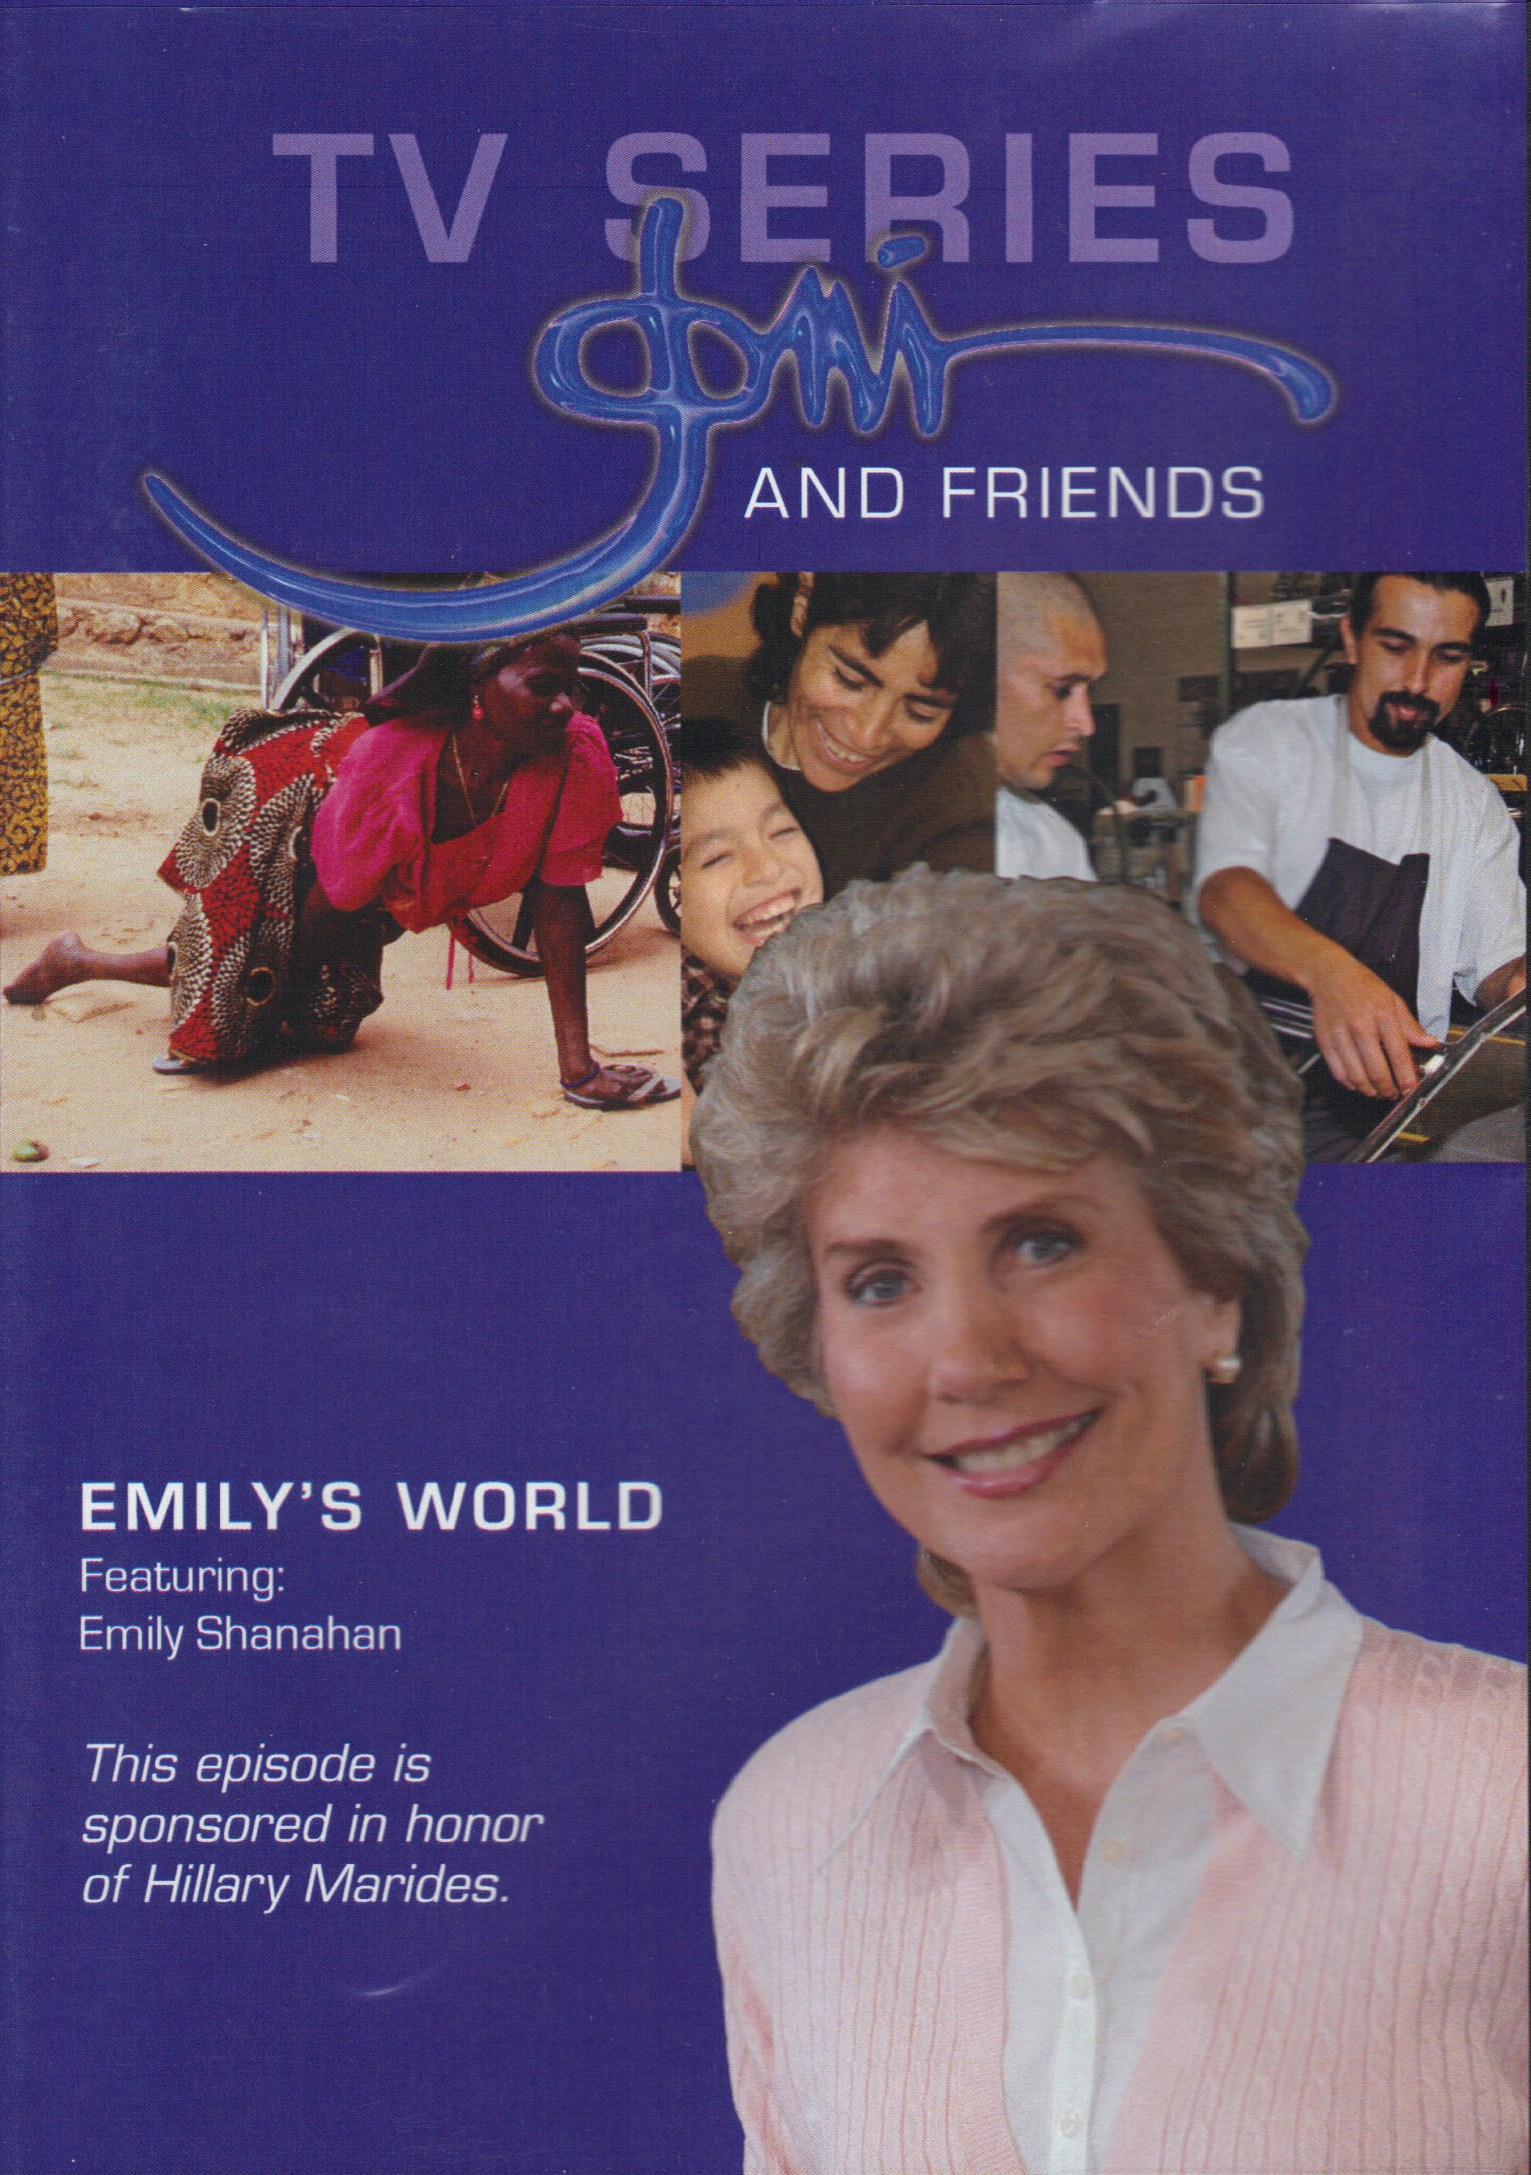 Emily's World DVD Cover.JPG